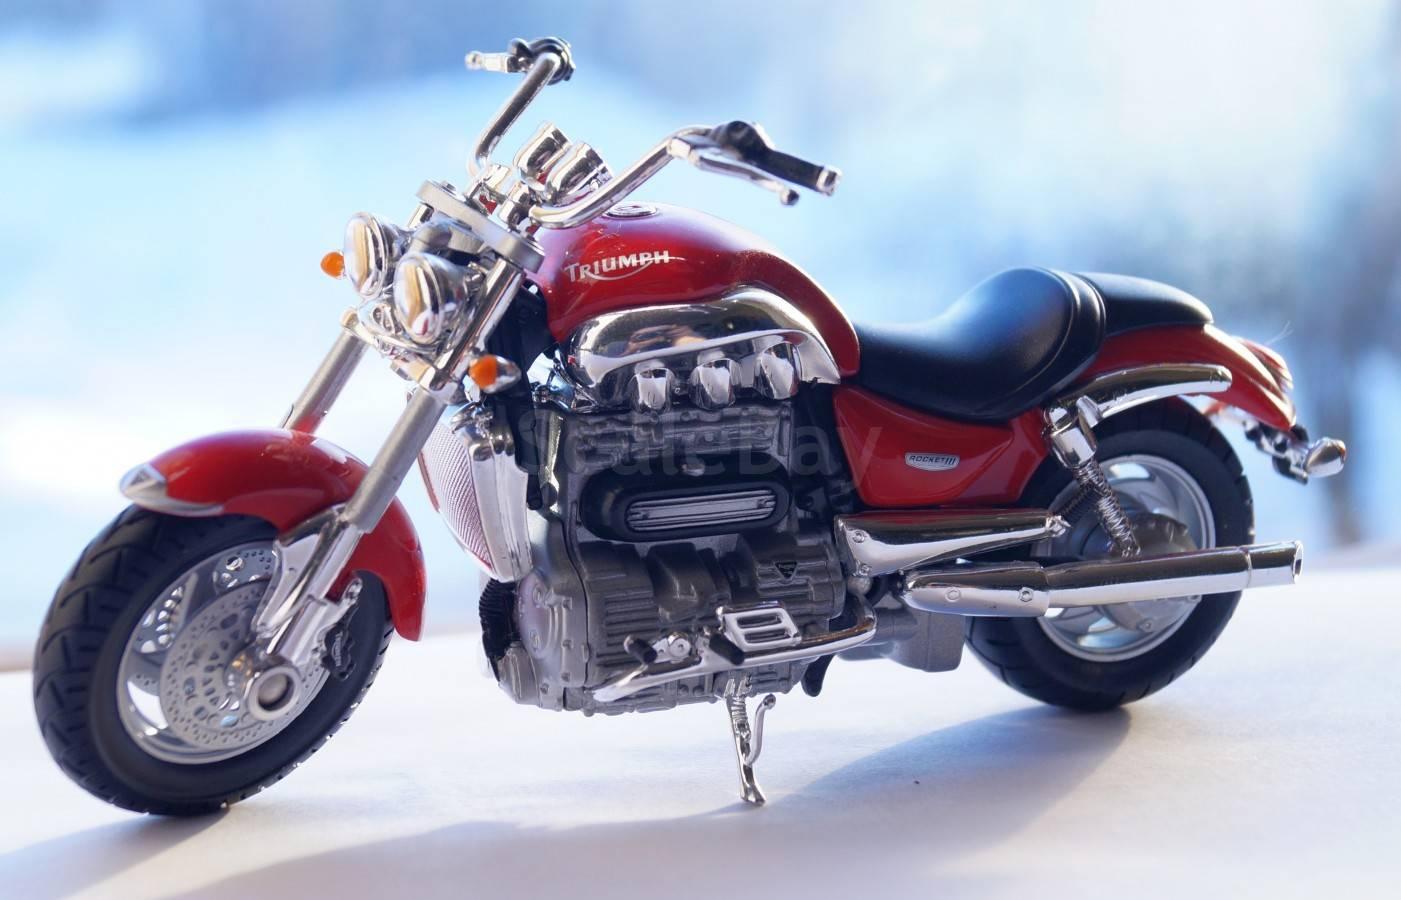 Triumph планирует выпустить первый электрический мотоцикл через два года